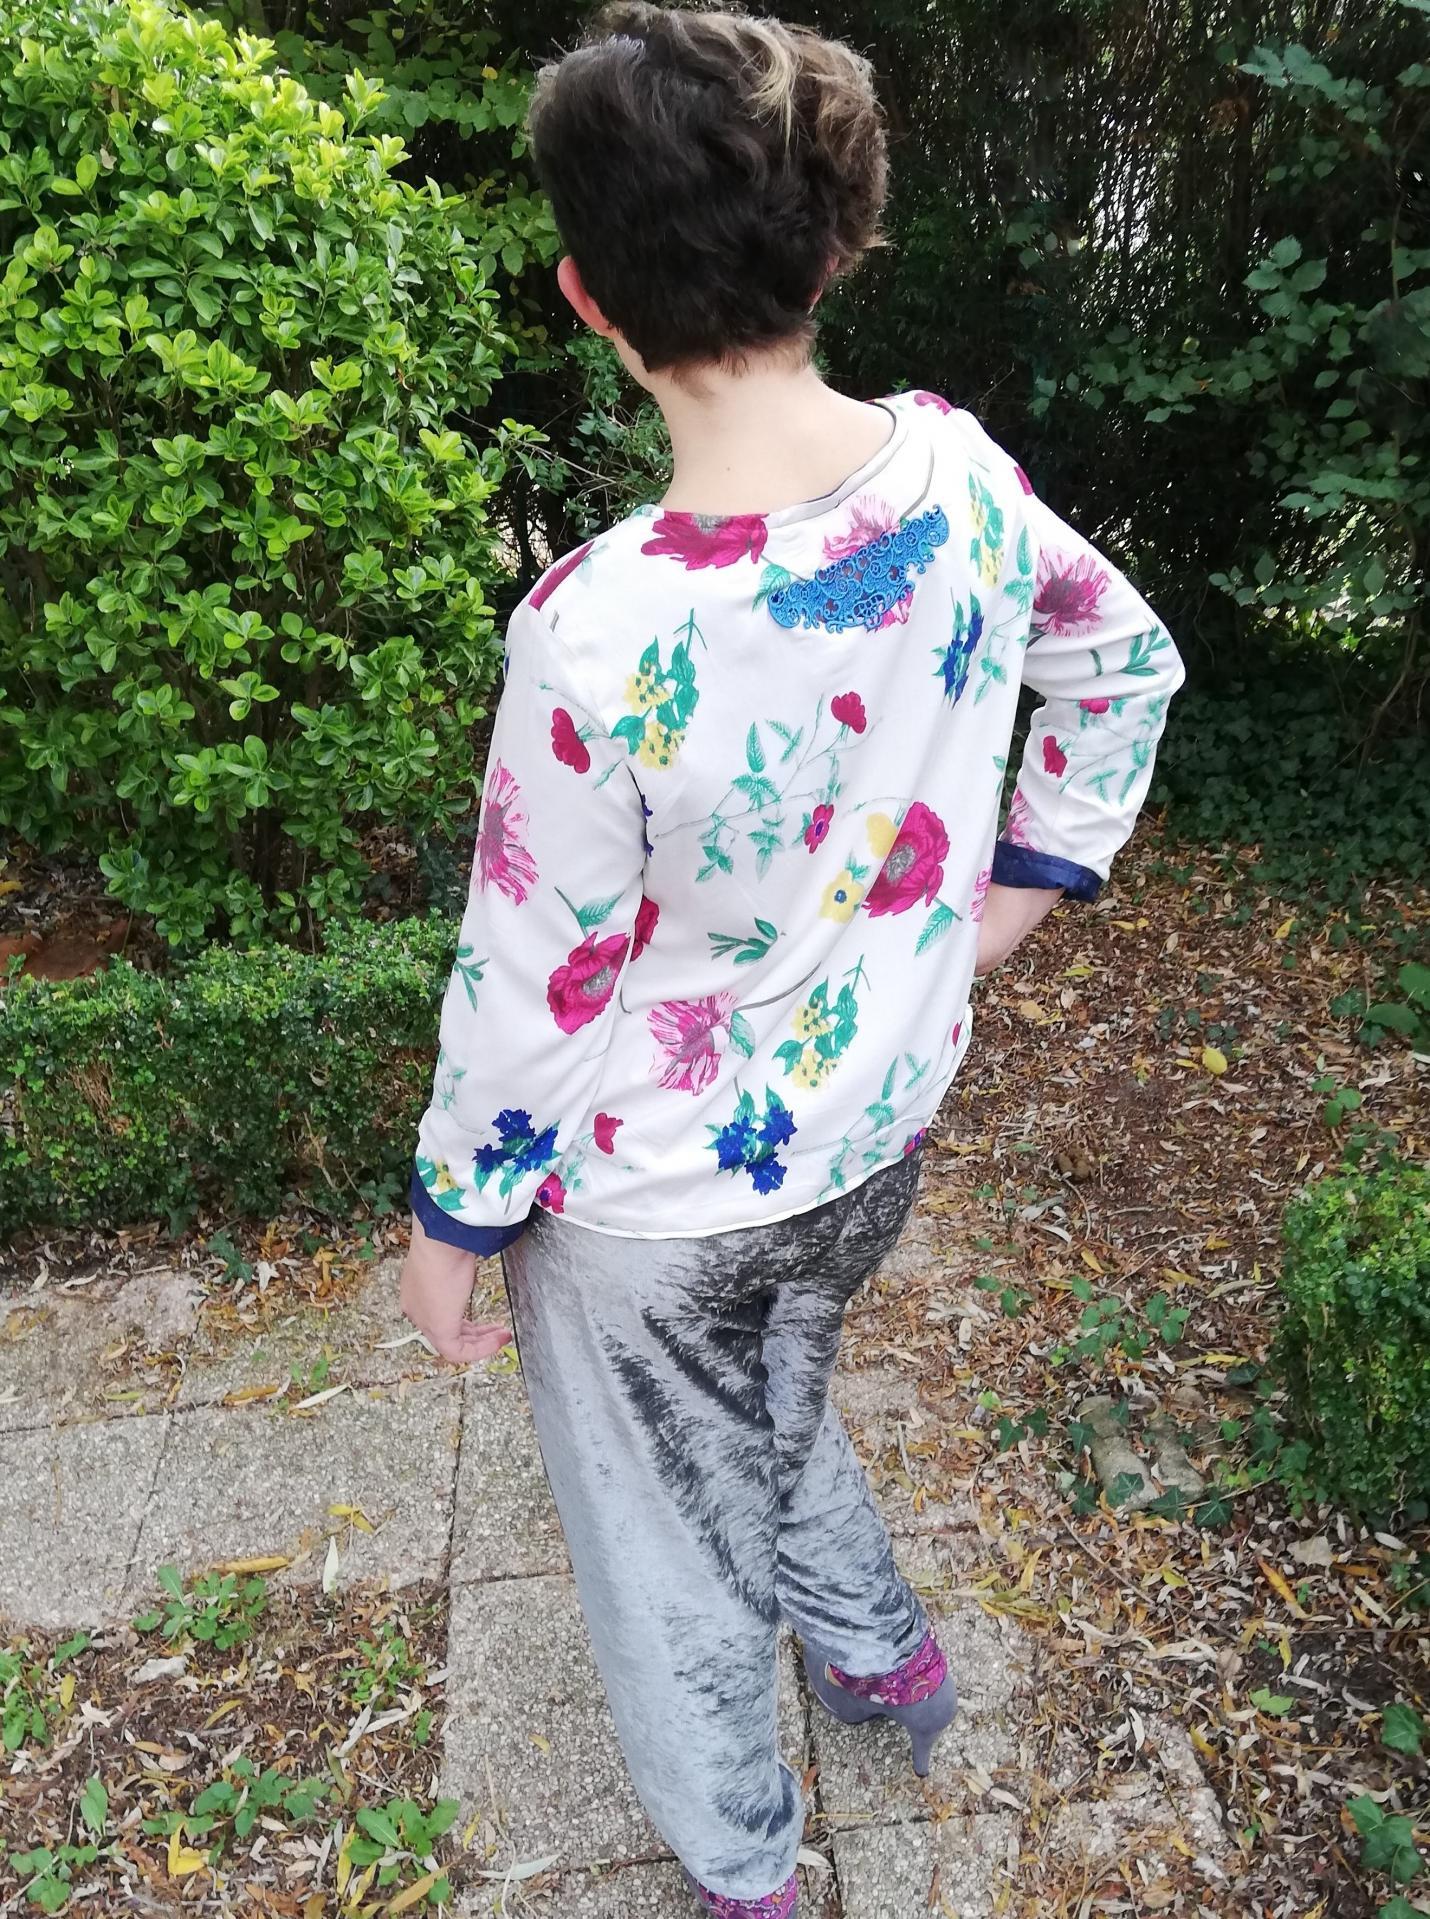 Haut recto verso incrustation dentelle faite main bas de la nuque imprime fleuri et liberty pantalon souple reversible velours et jersey imprime pose 2 copie